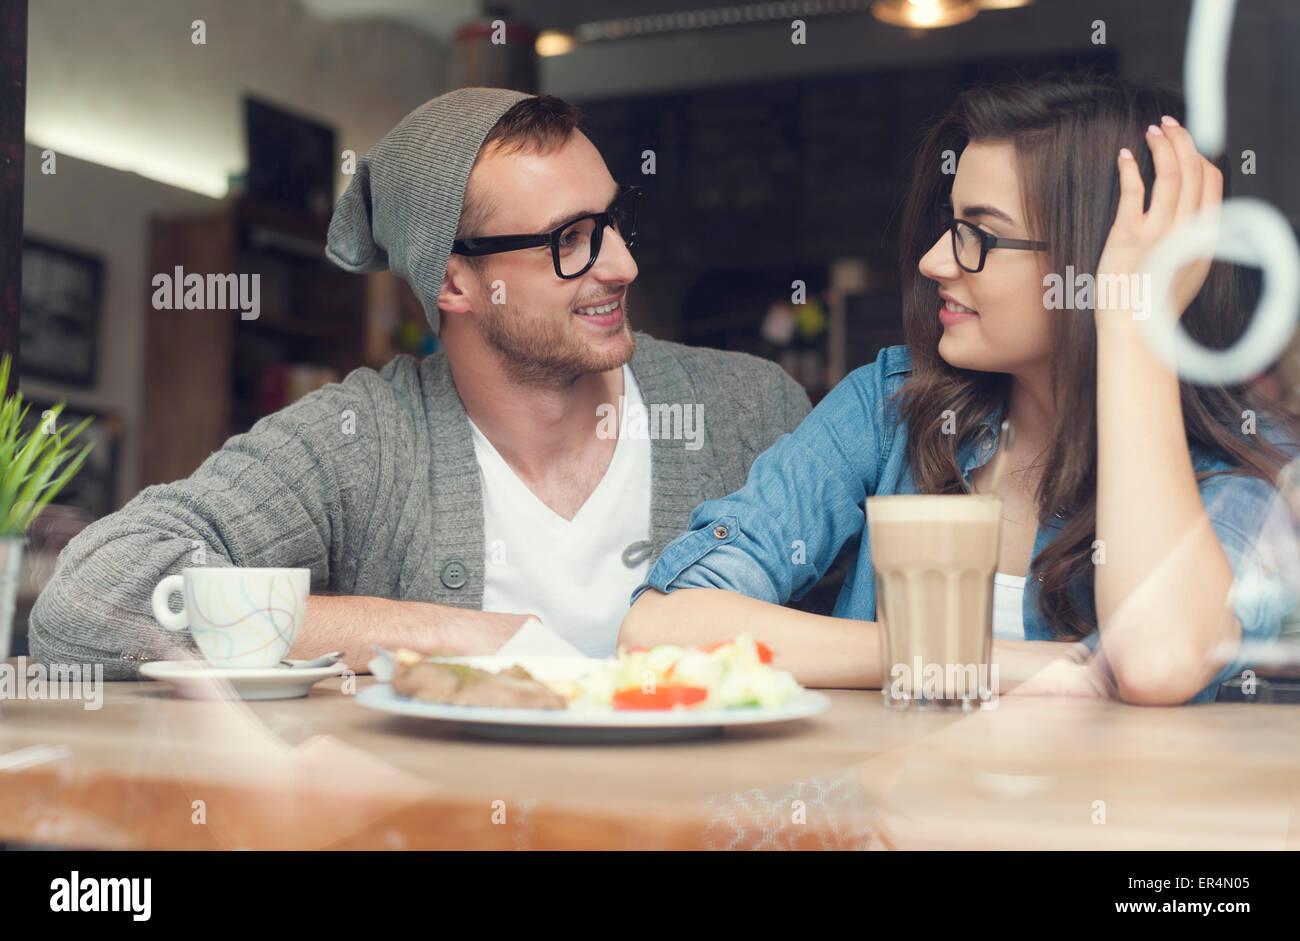 Coppia giovane di trascorrere del tempo insieme nel ristorante. Cracovia in Polonia Immagini Stock